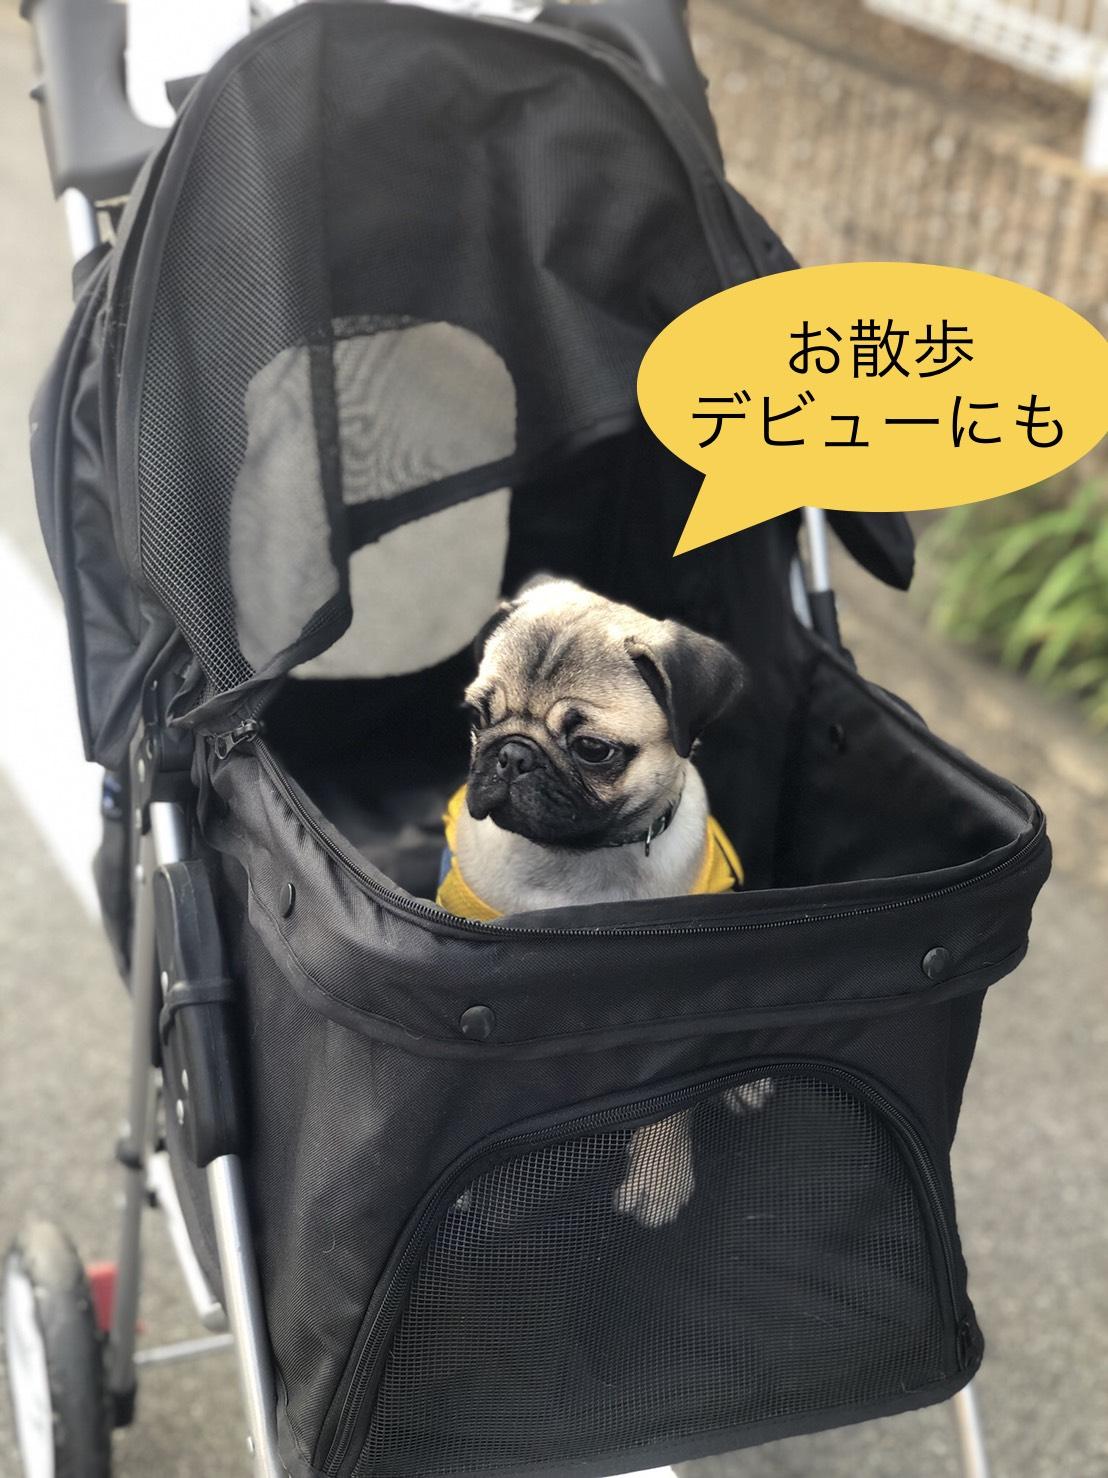 赤ちゃんパグを乗せた写真